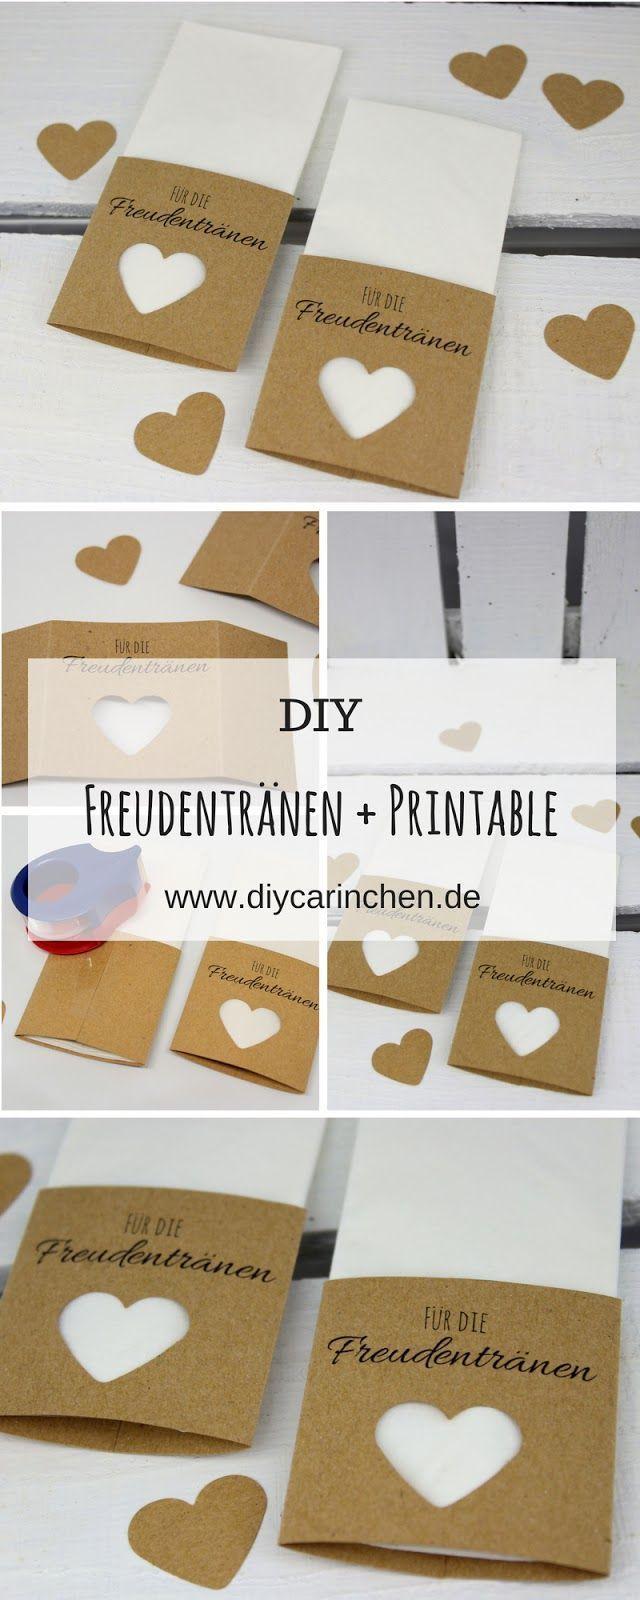 Anleitung: Taschentücher für die Freudentränen zur Hochzeit ganz einfach selber machen + kostenloses Printable – Personello – DIY Ideen: Geschenke, Deko, Basteln & Selbermachen